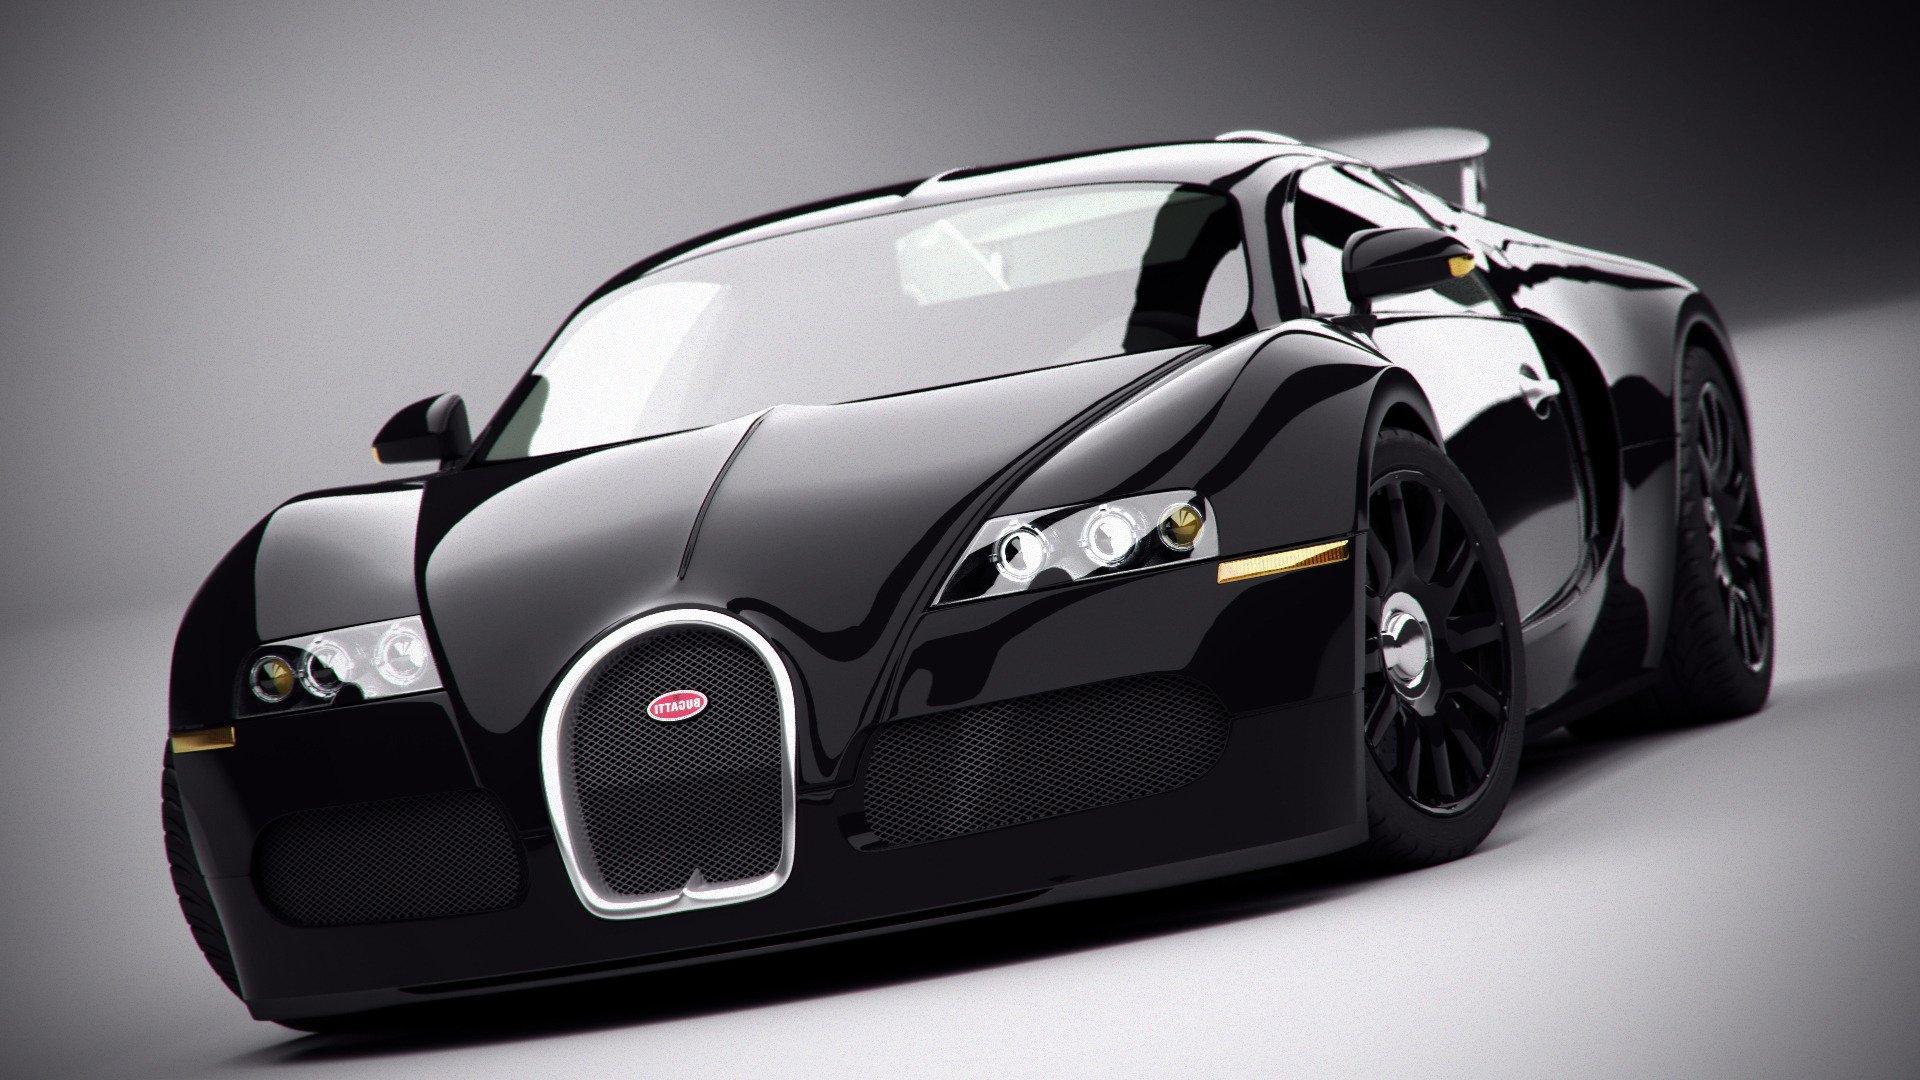 Технические данные и эксплуатации Bugatti Veyron, произведенные в период с 2005 — 2015